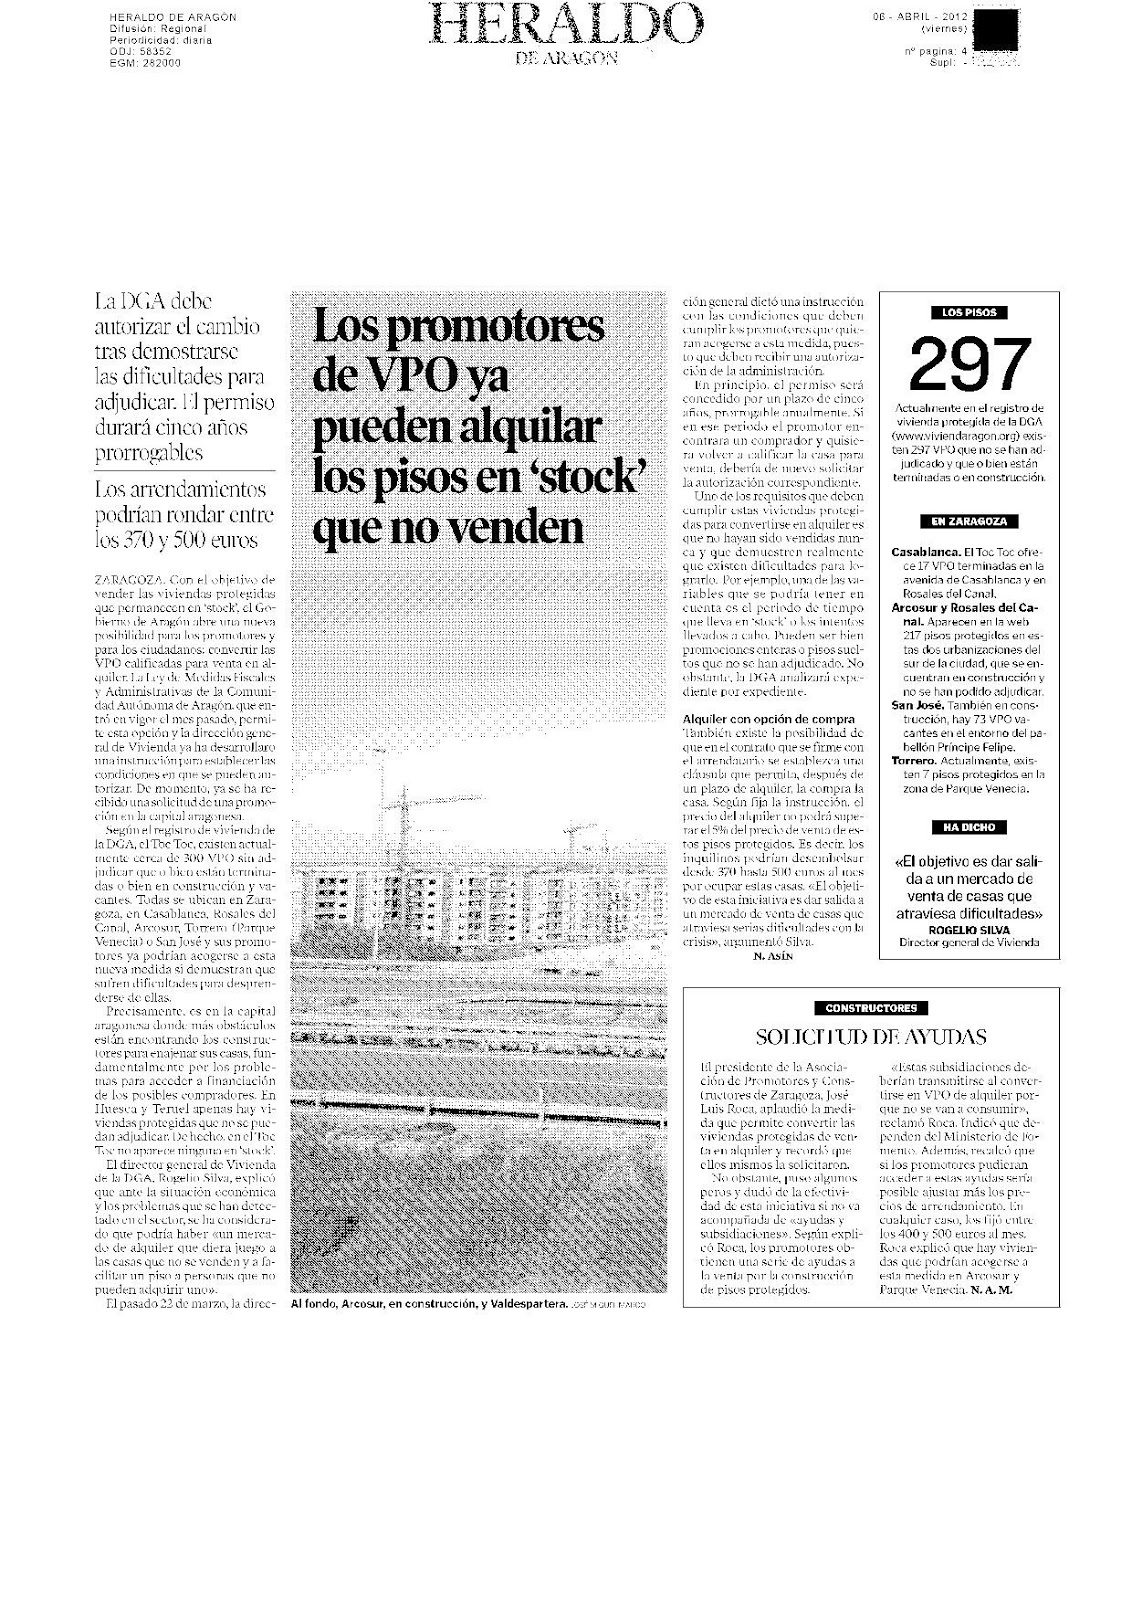 Vivienda joven zaragoza los promotores de vpo ya pueden for Clausula suelo en pisos de vpo